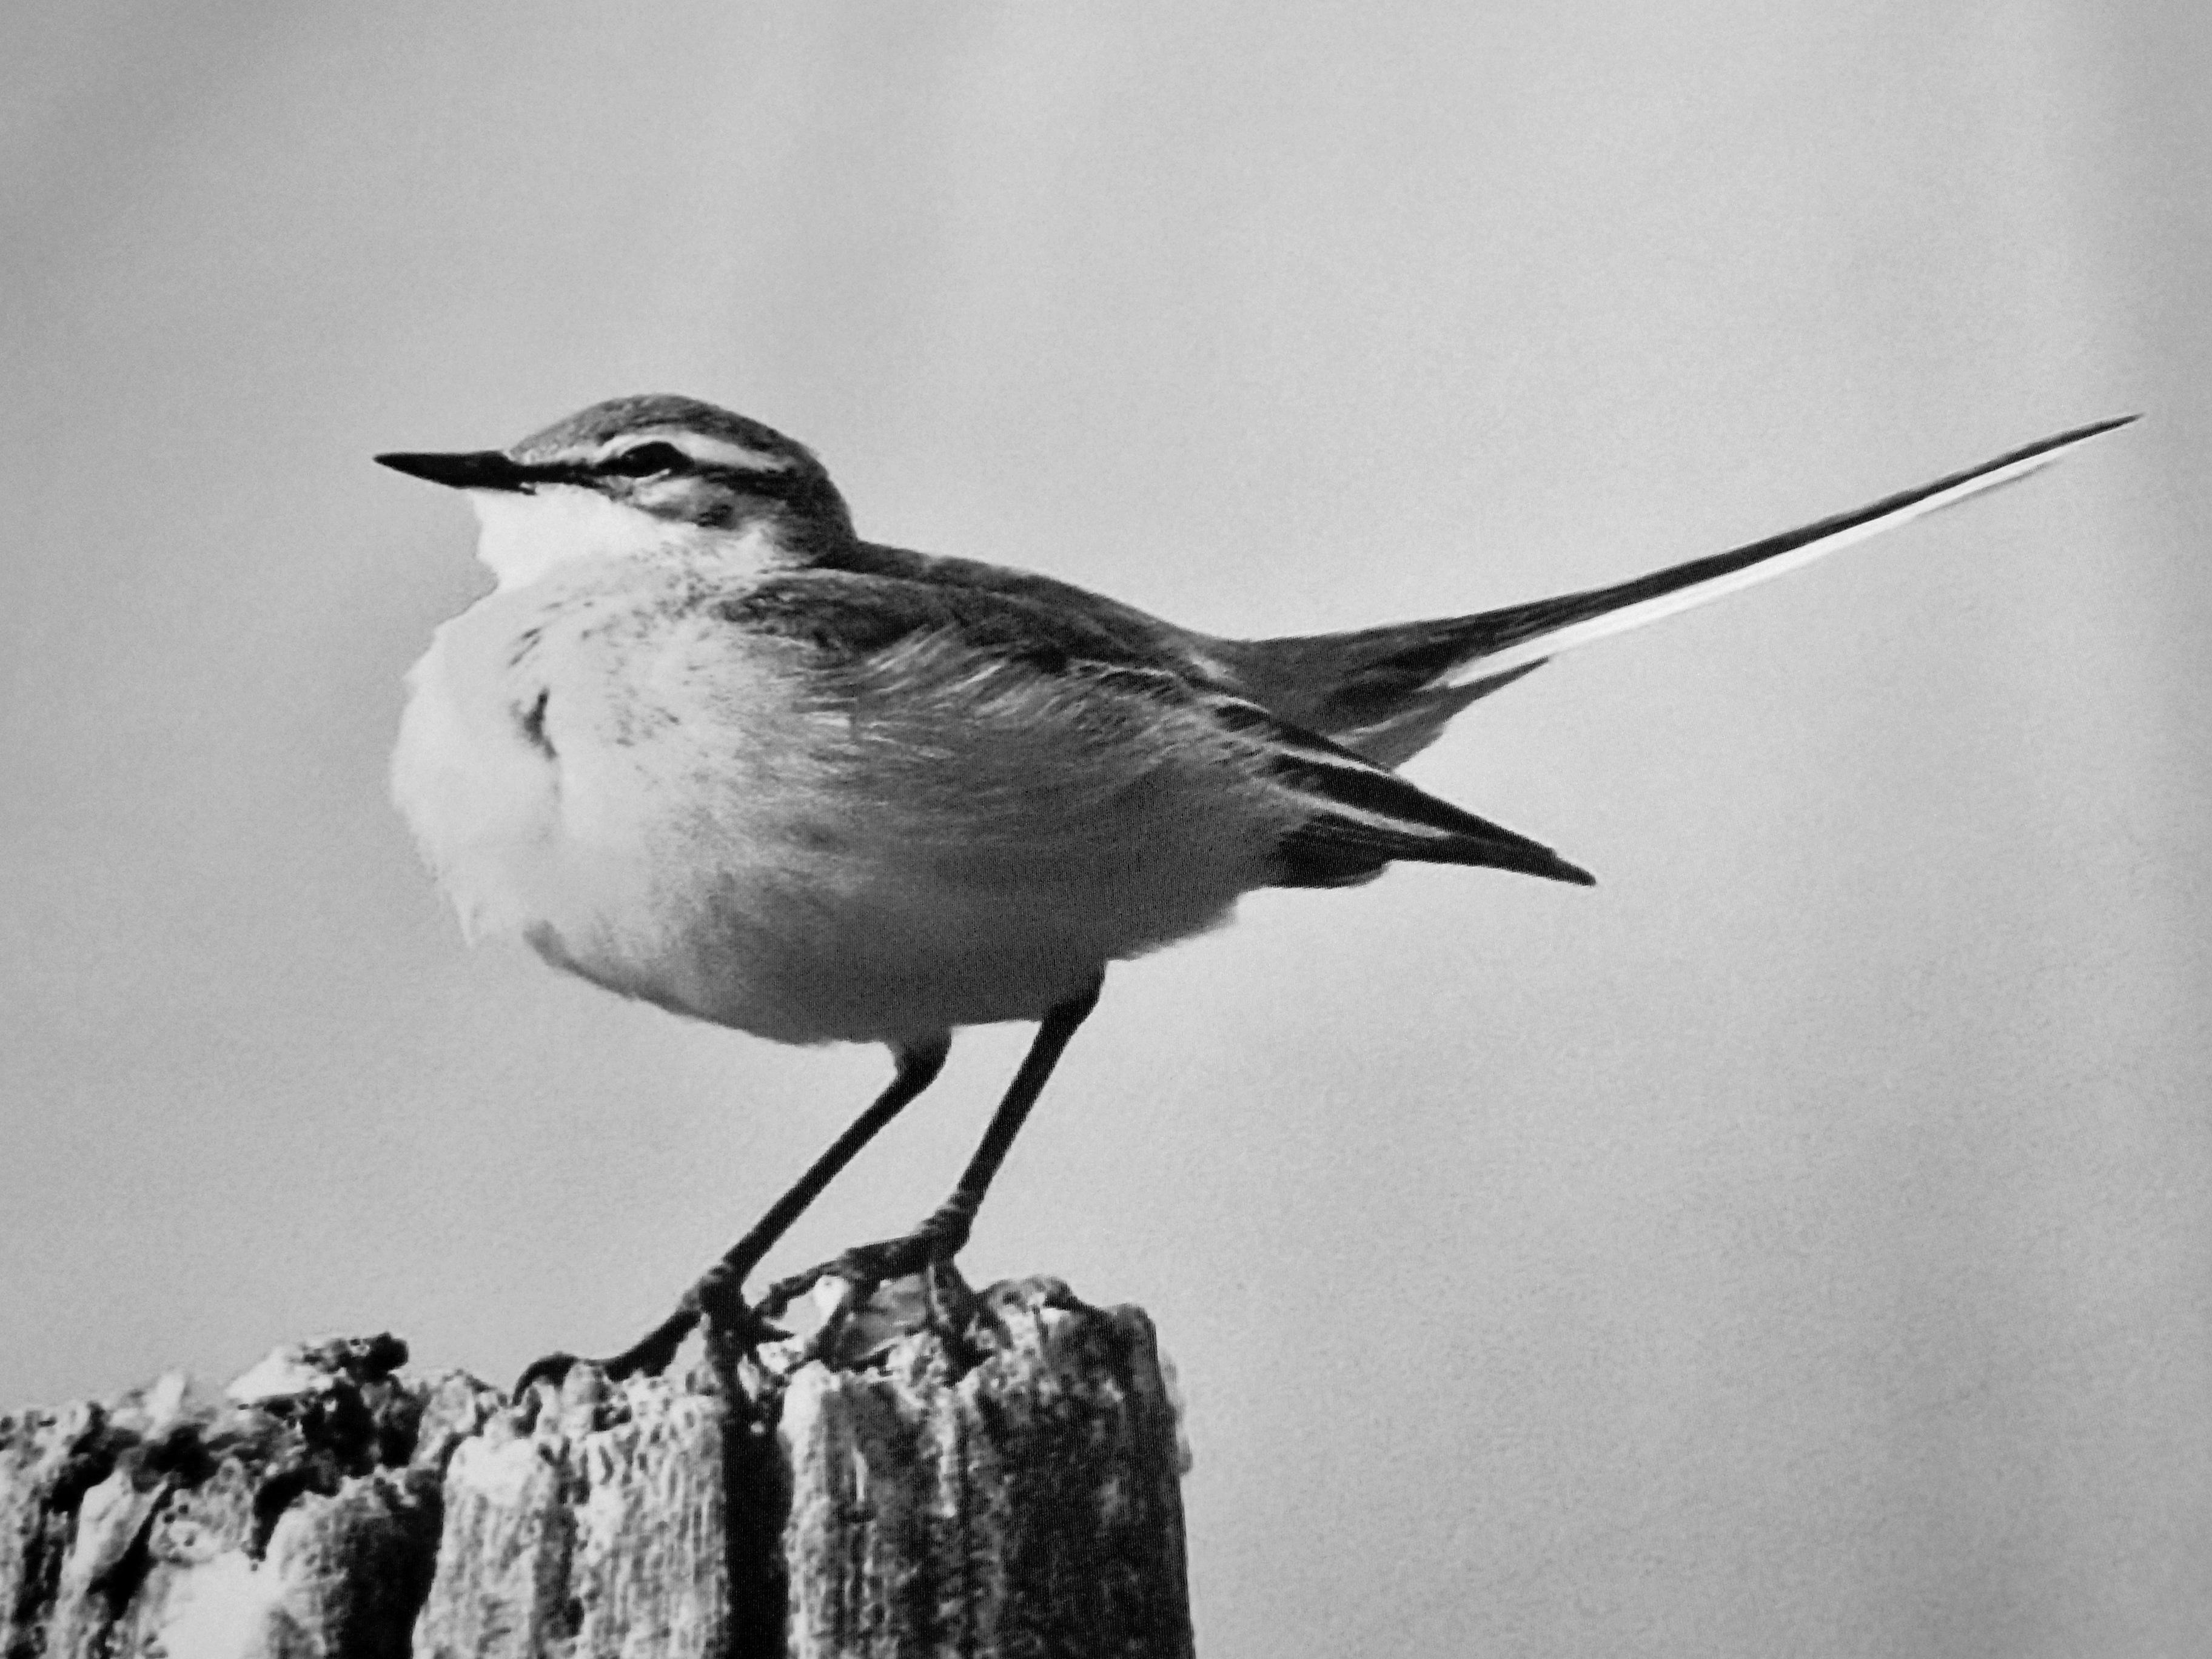 Fondos De Pantalla : Dibujo, Aves, Monocromo, Naturaleza